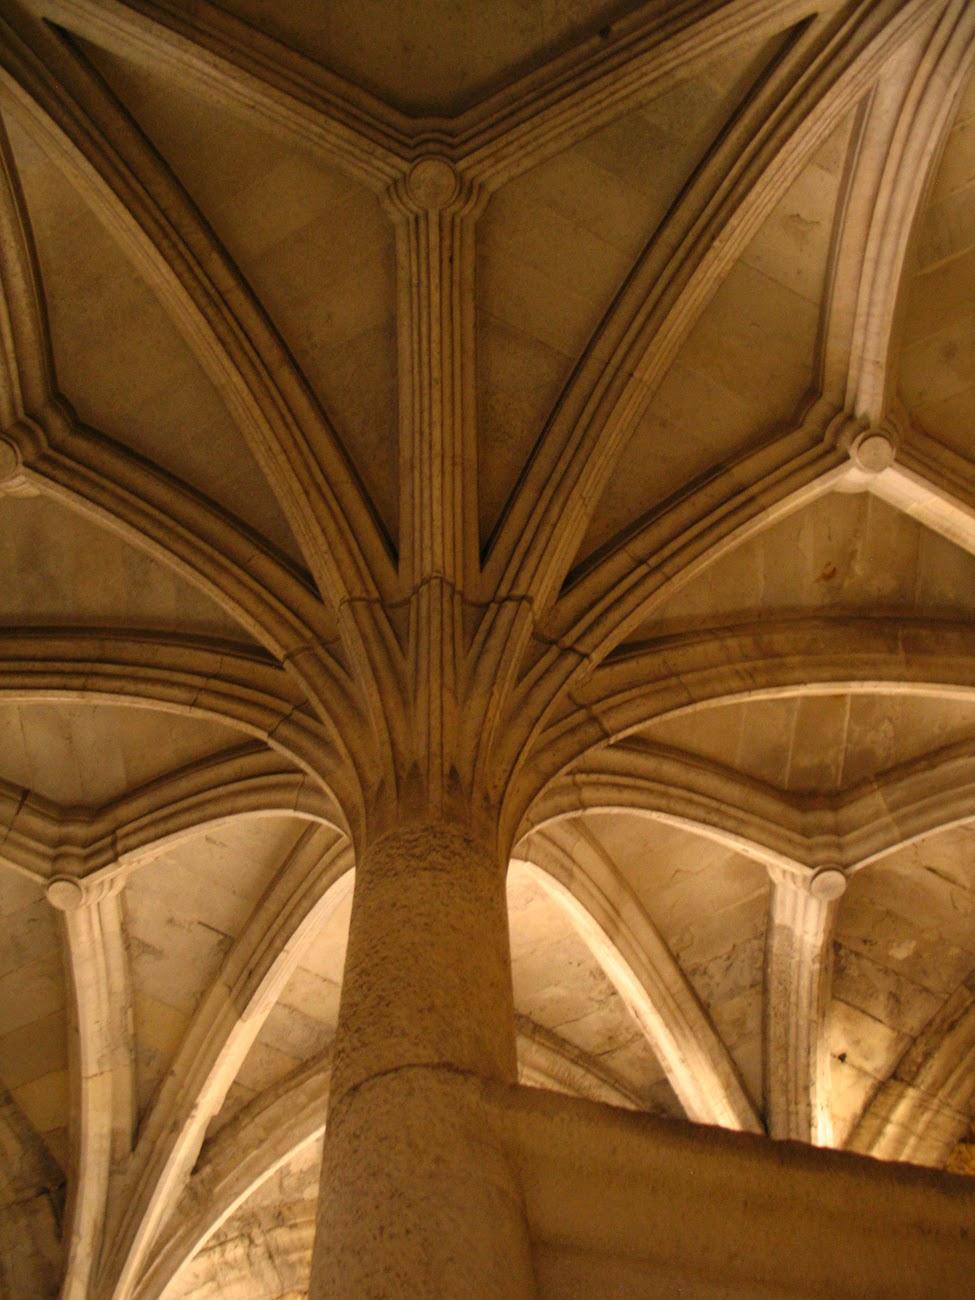 Chateau de Beynac Staircase